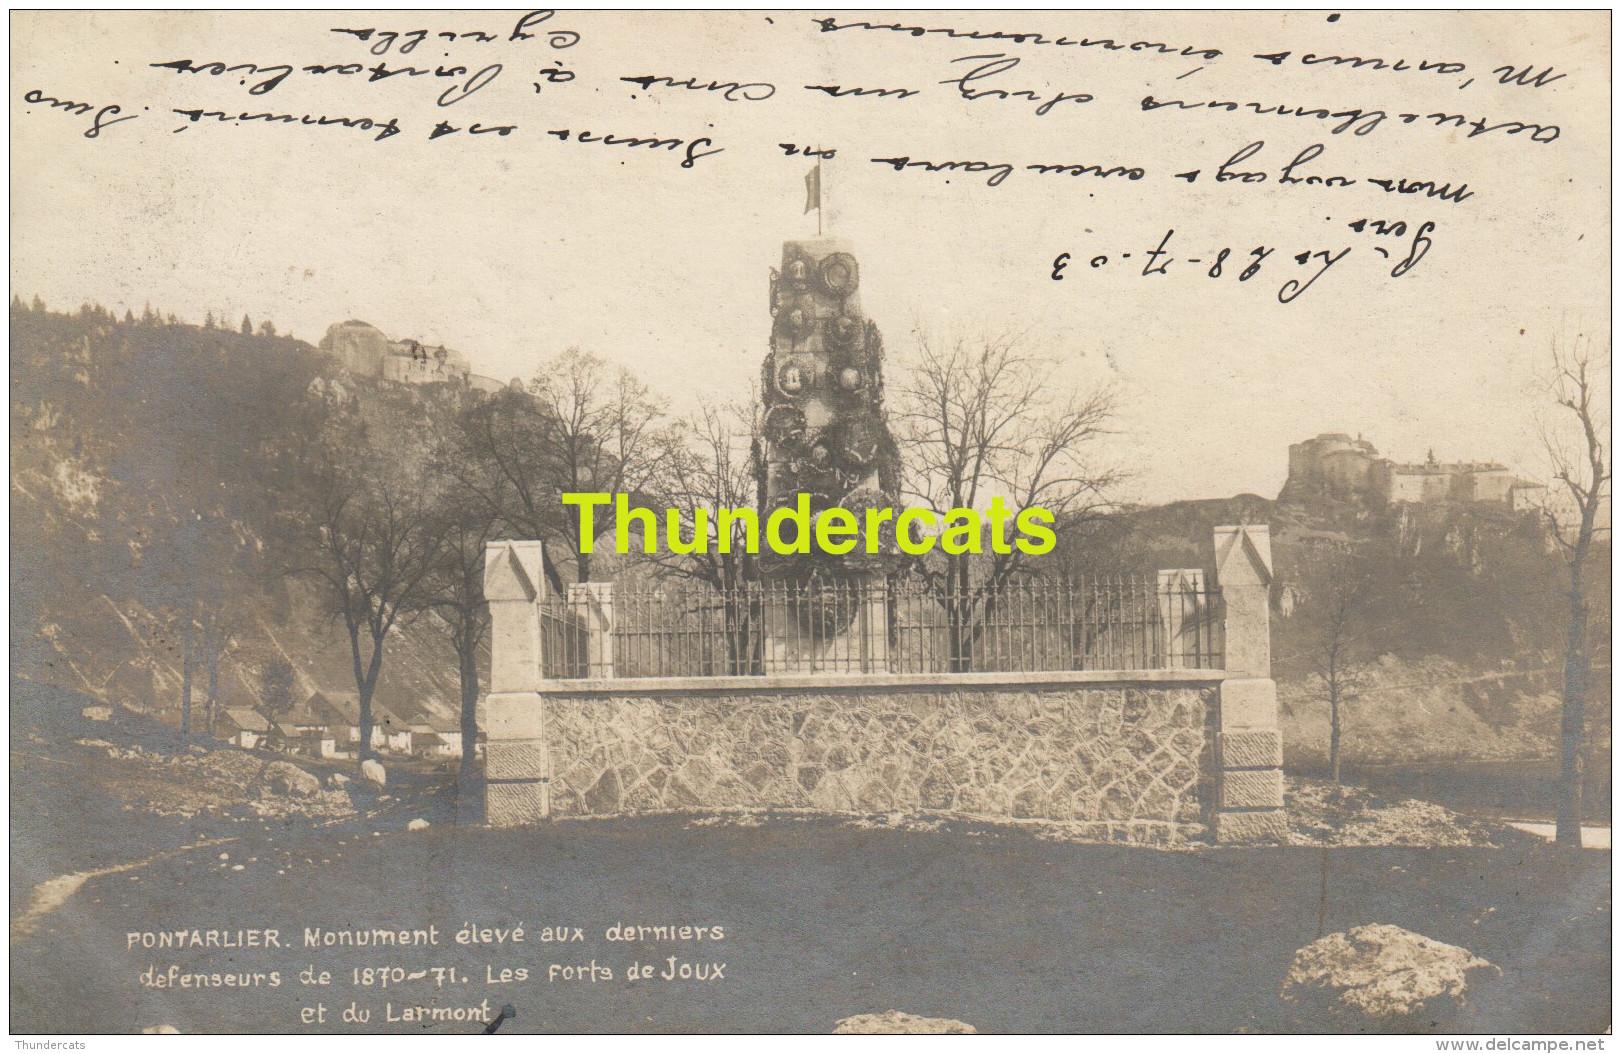 CPA CARTE DE PHOTO PONTARLIER MONUMENT ELEVE AUX DERNIERS DEFENSEURS DE 1870 1871 LES FORTS DE JOUX ET DU LARMONT - Pontarlier